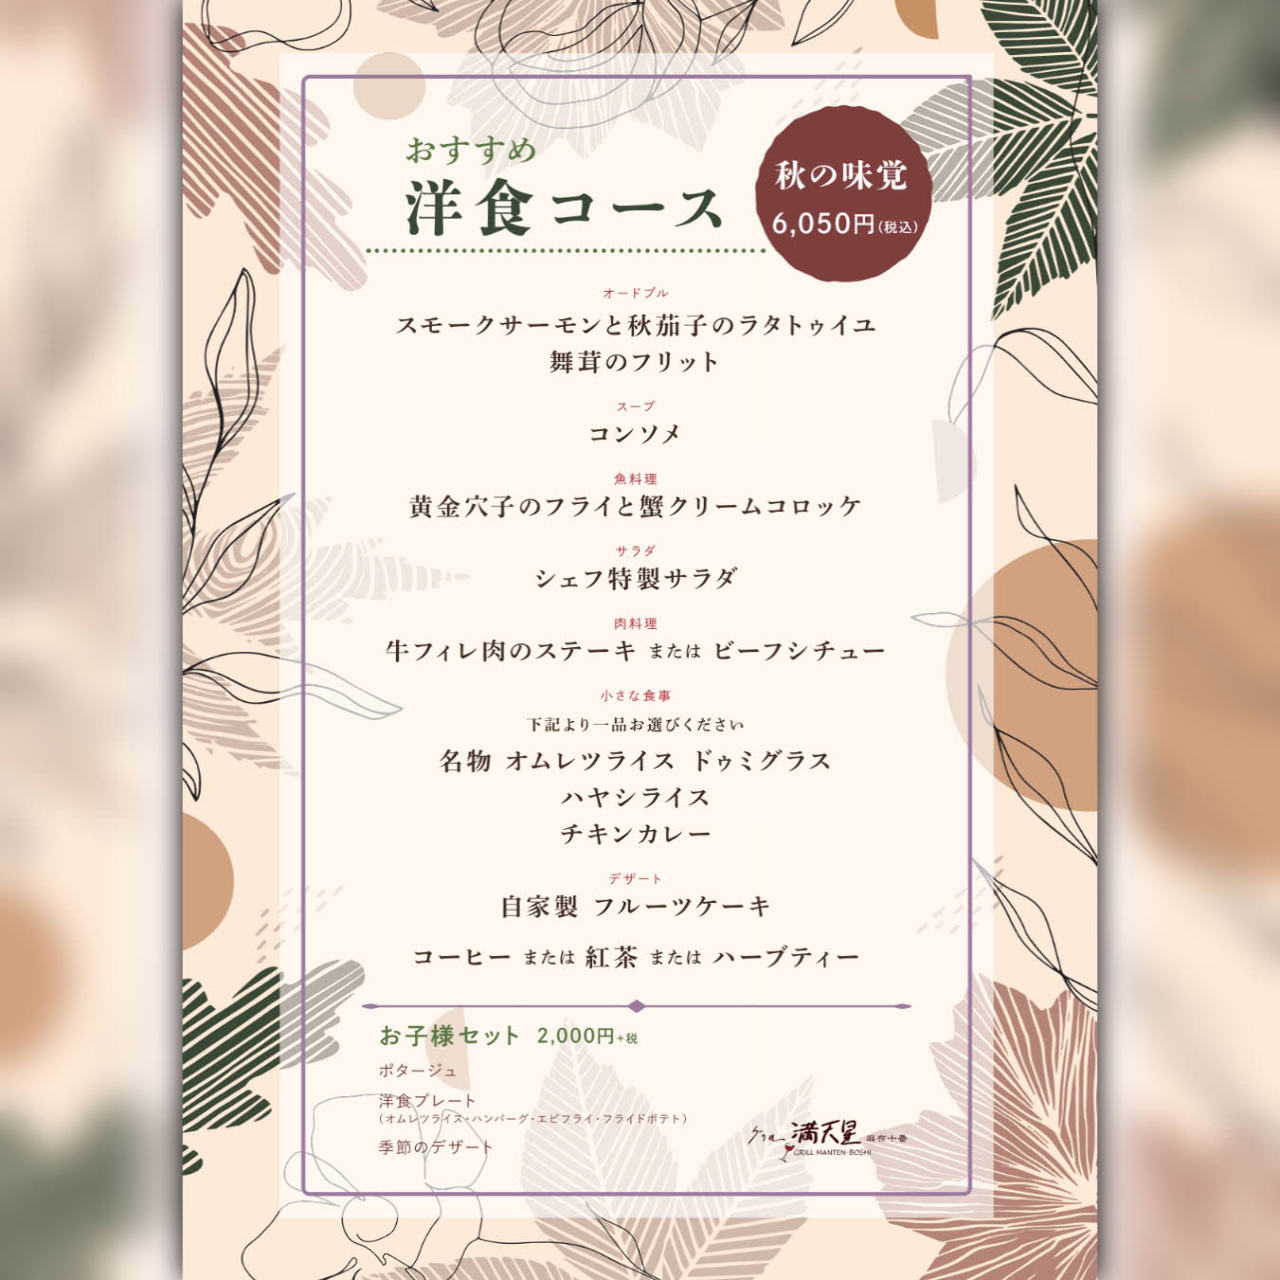 ★秋限定★【おすすめ洋食コース ~秋の味覚~】6050円税込